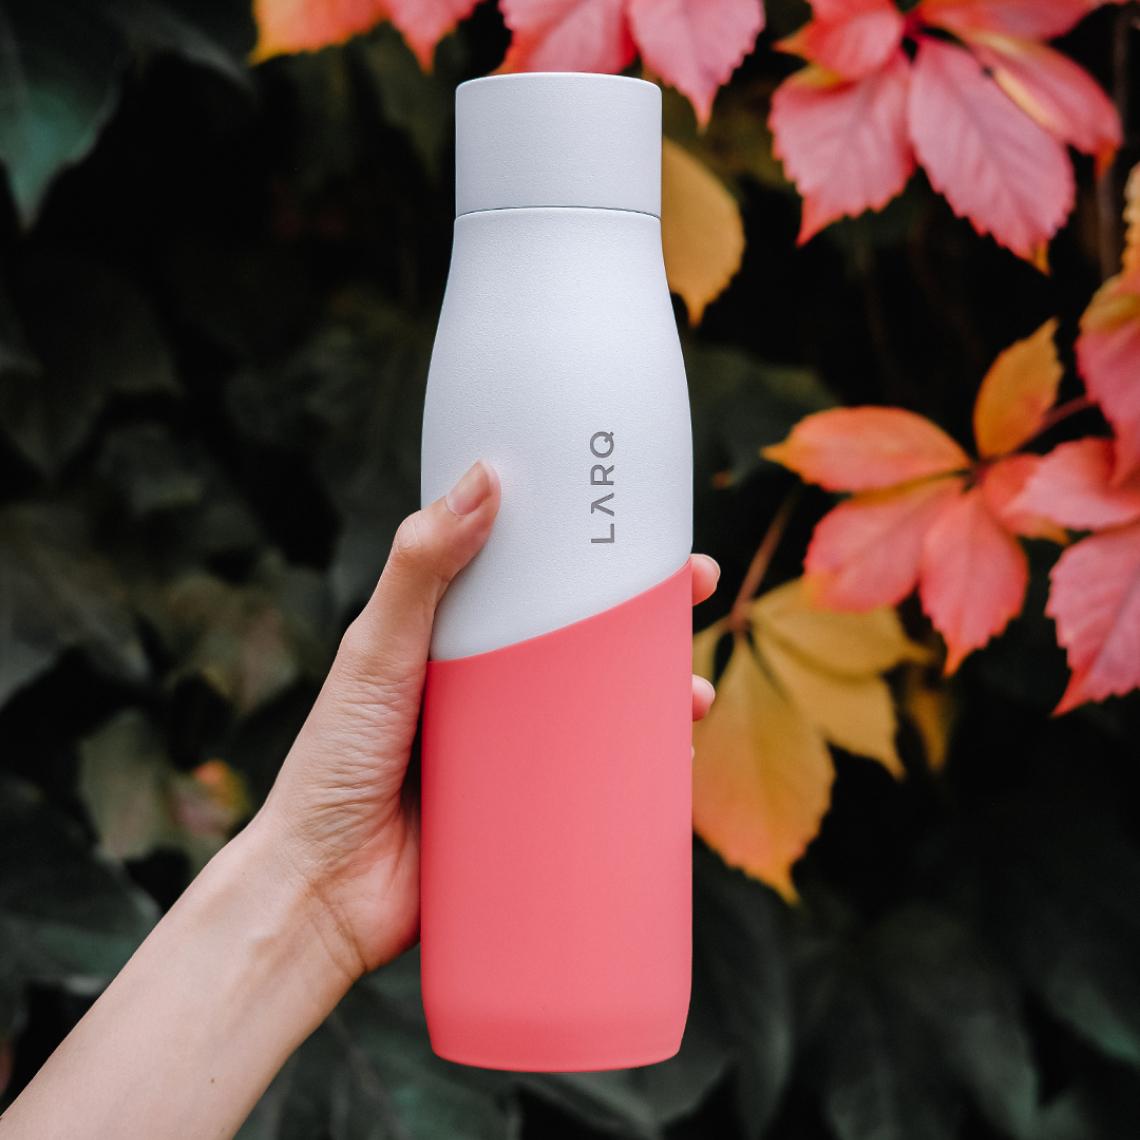 LARQ Bottle Movement PureVis - White / Coral